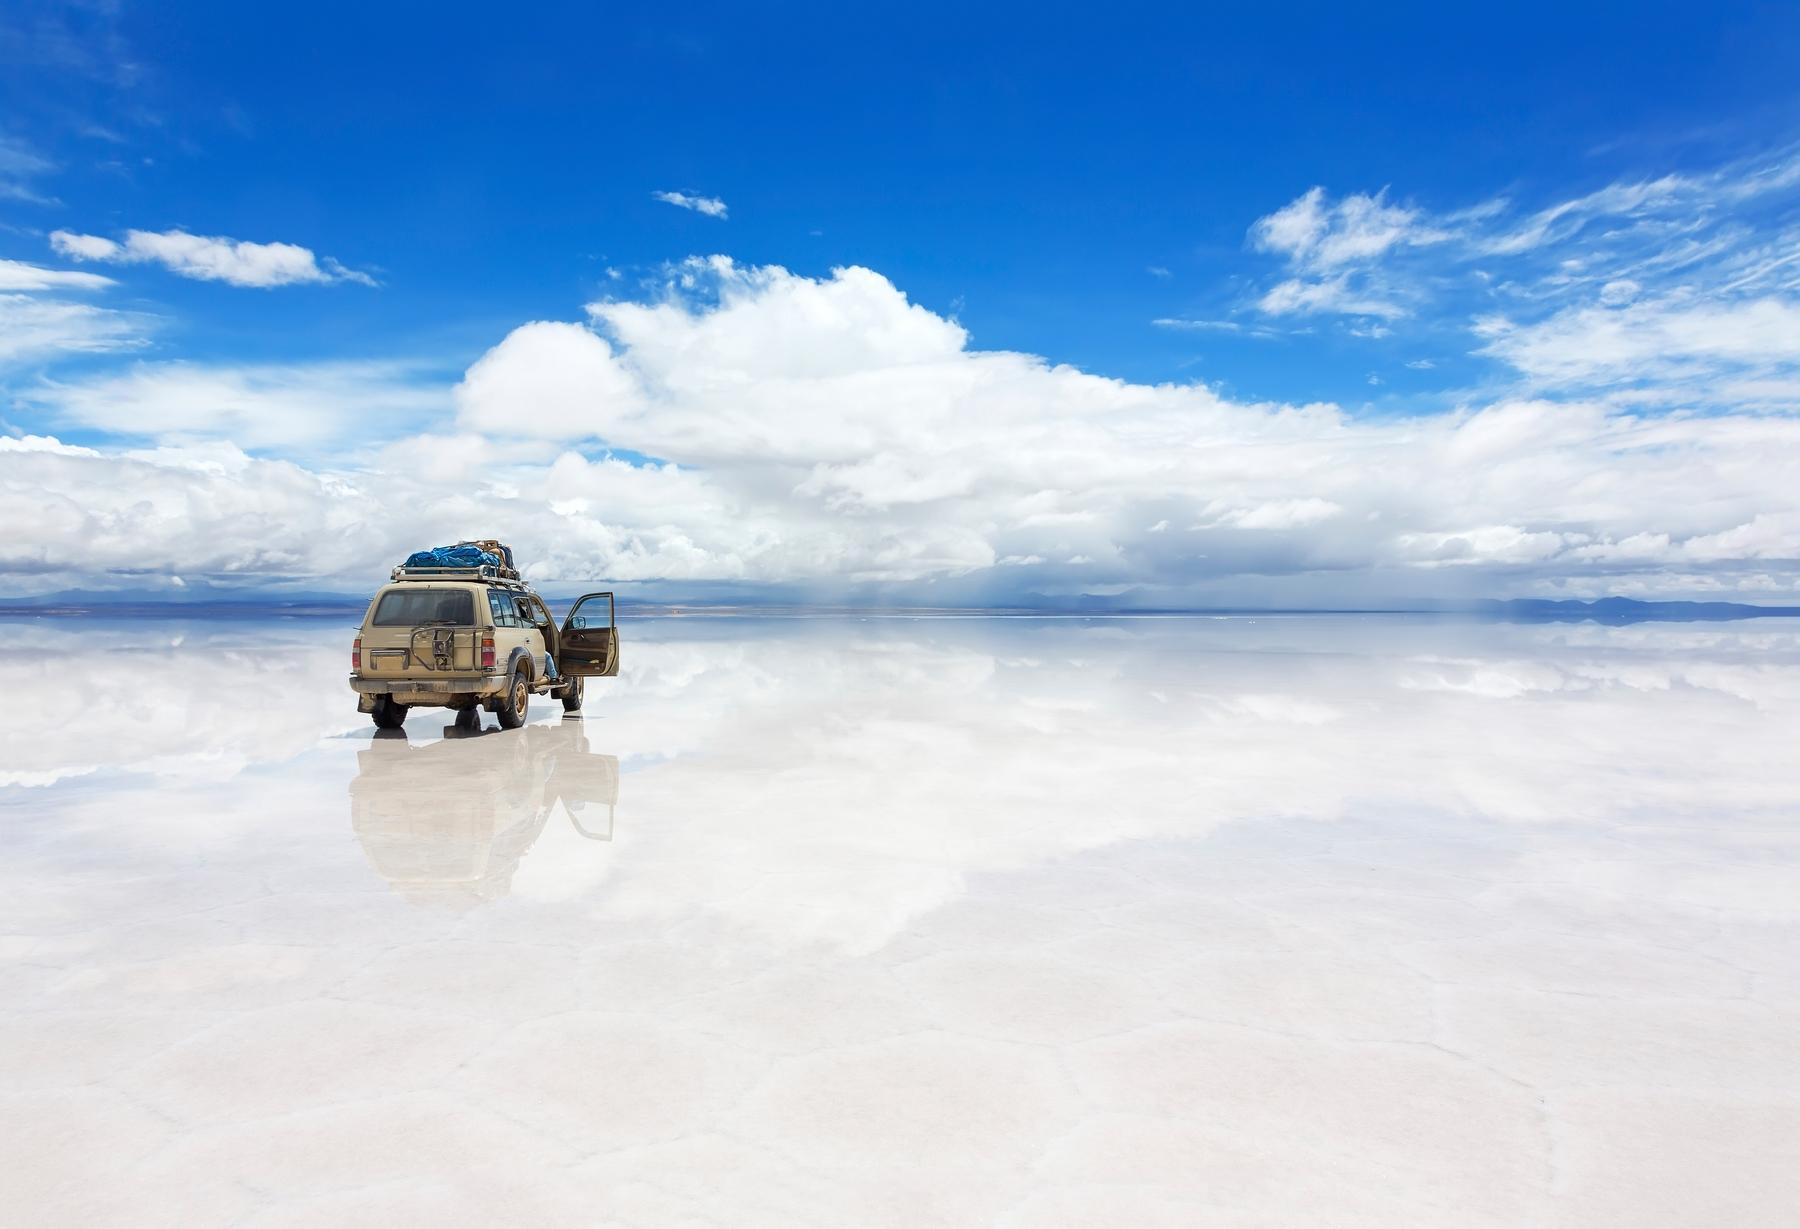 Los 20 lugares más espectaculares del mundo: Salar de Uyuni